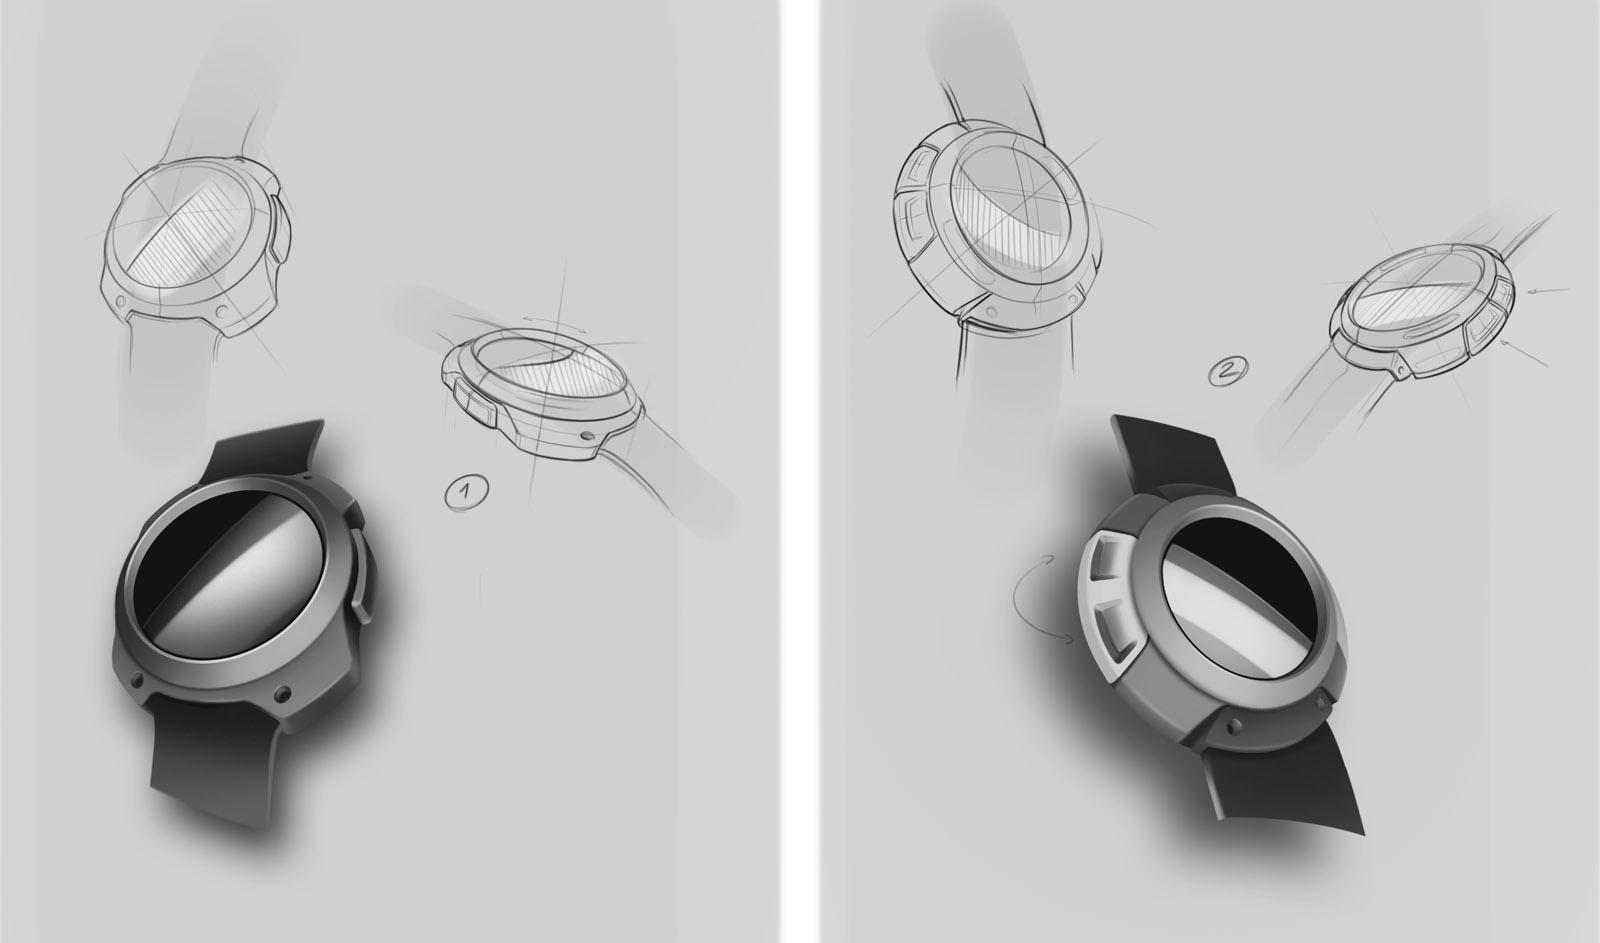 Pfaffenbauer_Sketches_watches2.jpg